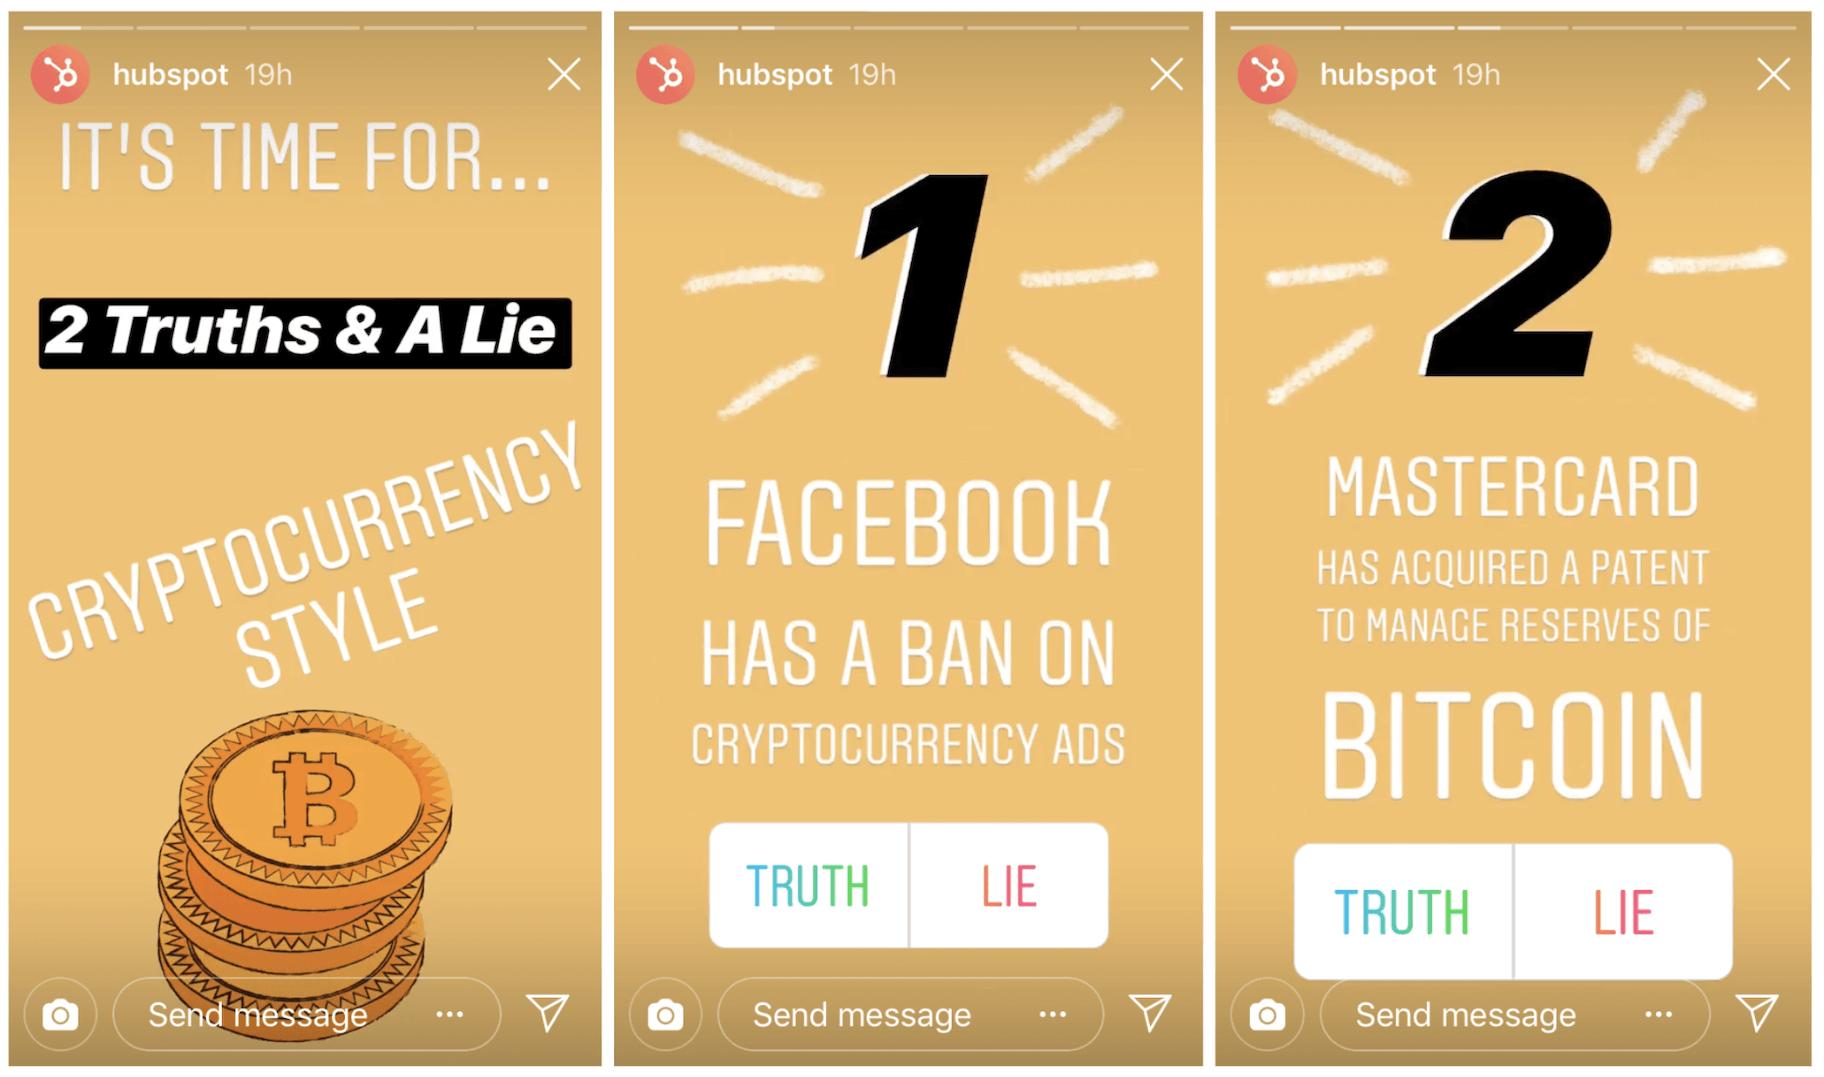 HubSpot Instagram Stories